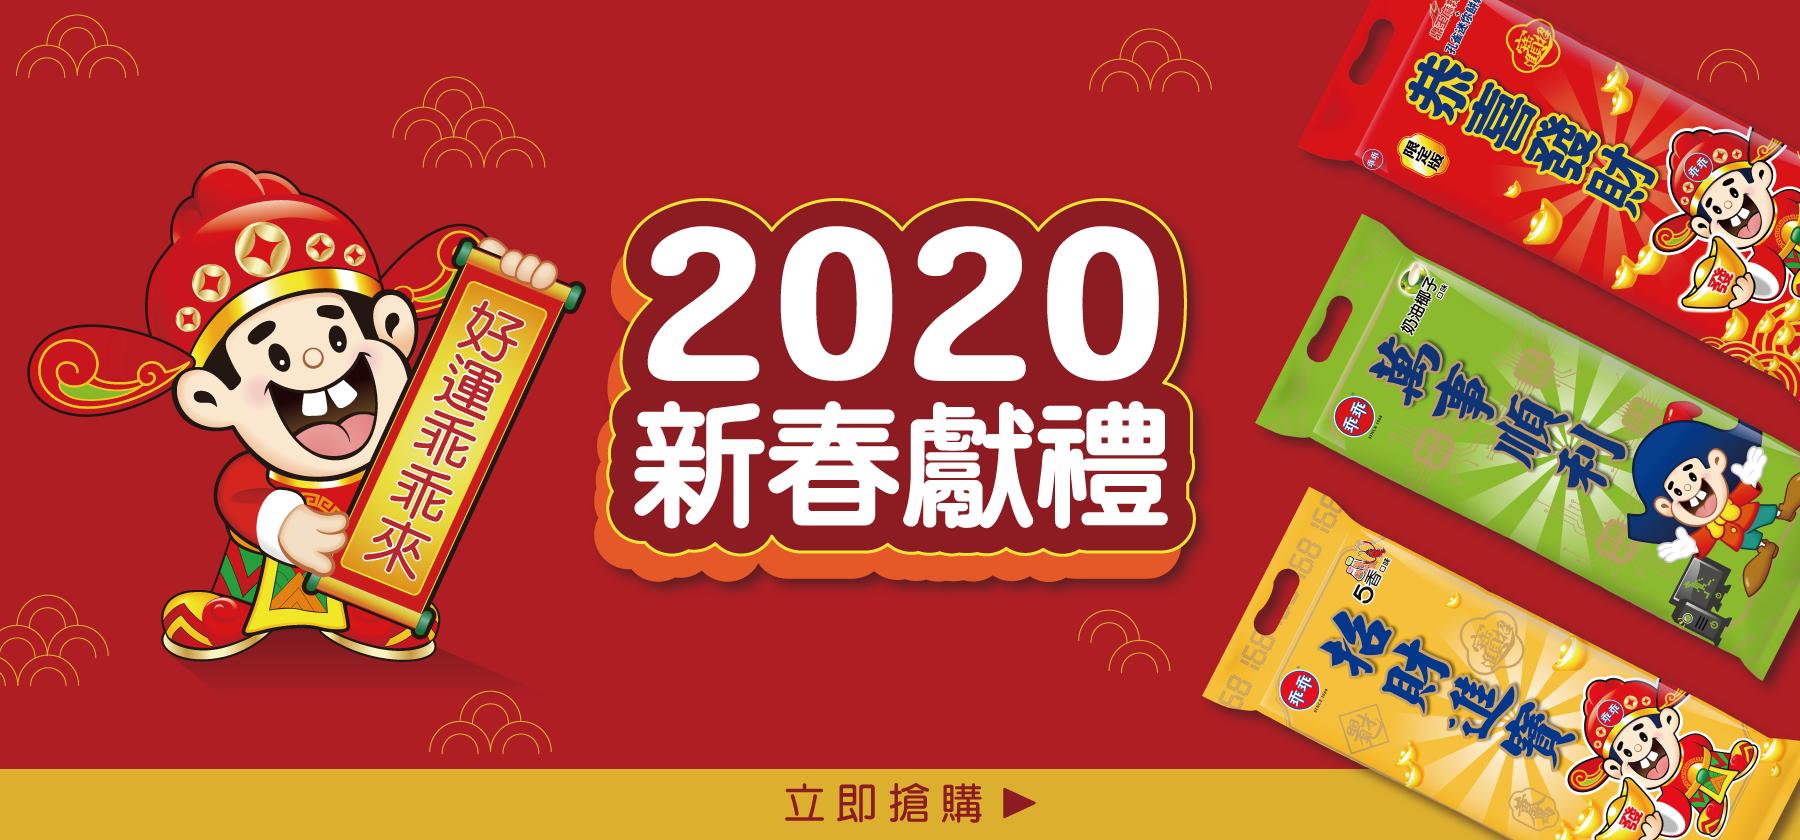 2020 新春獻禮 年節禮盒